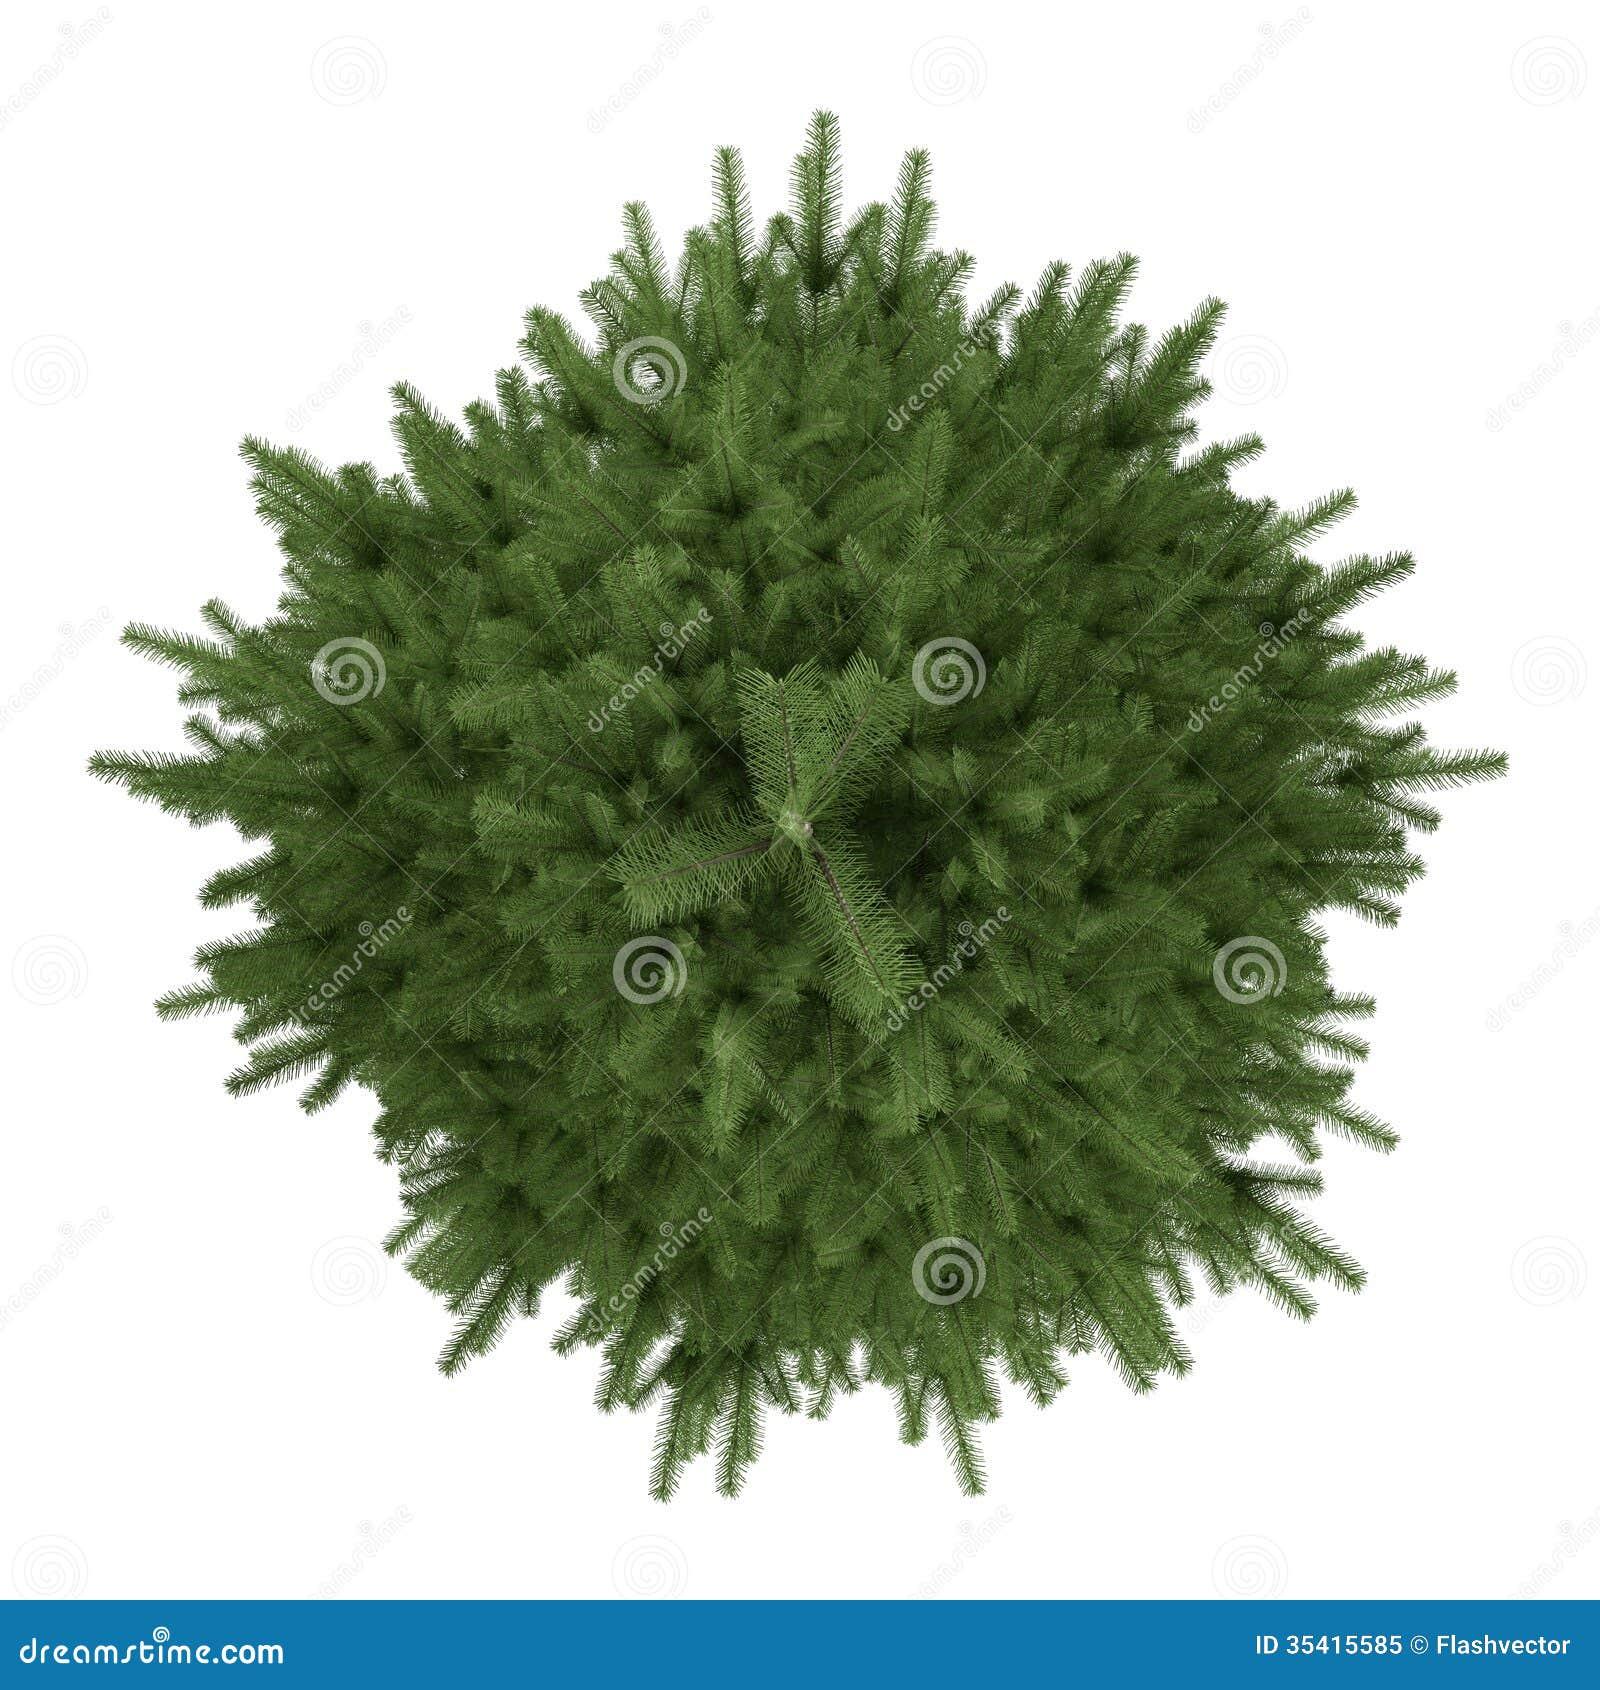 Дерево туя  посадка и уход фото туи пересадка и